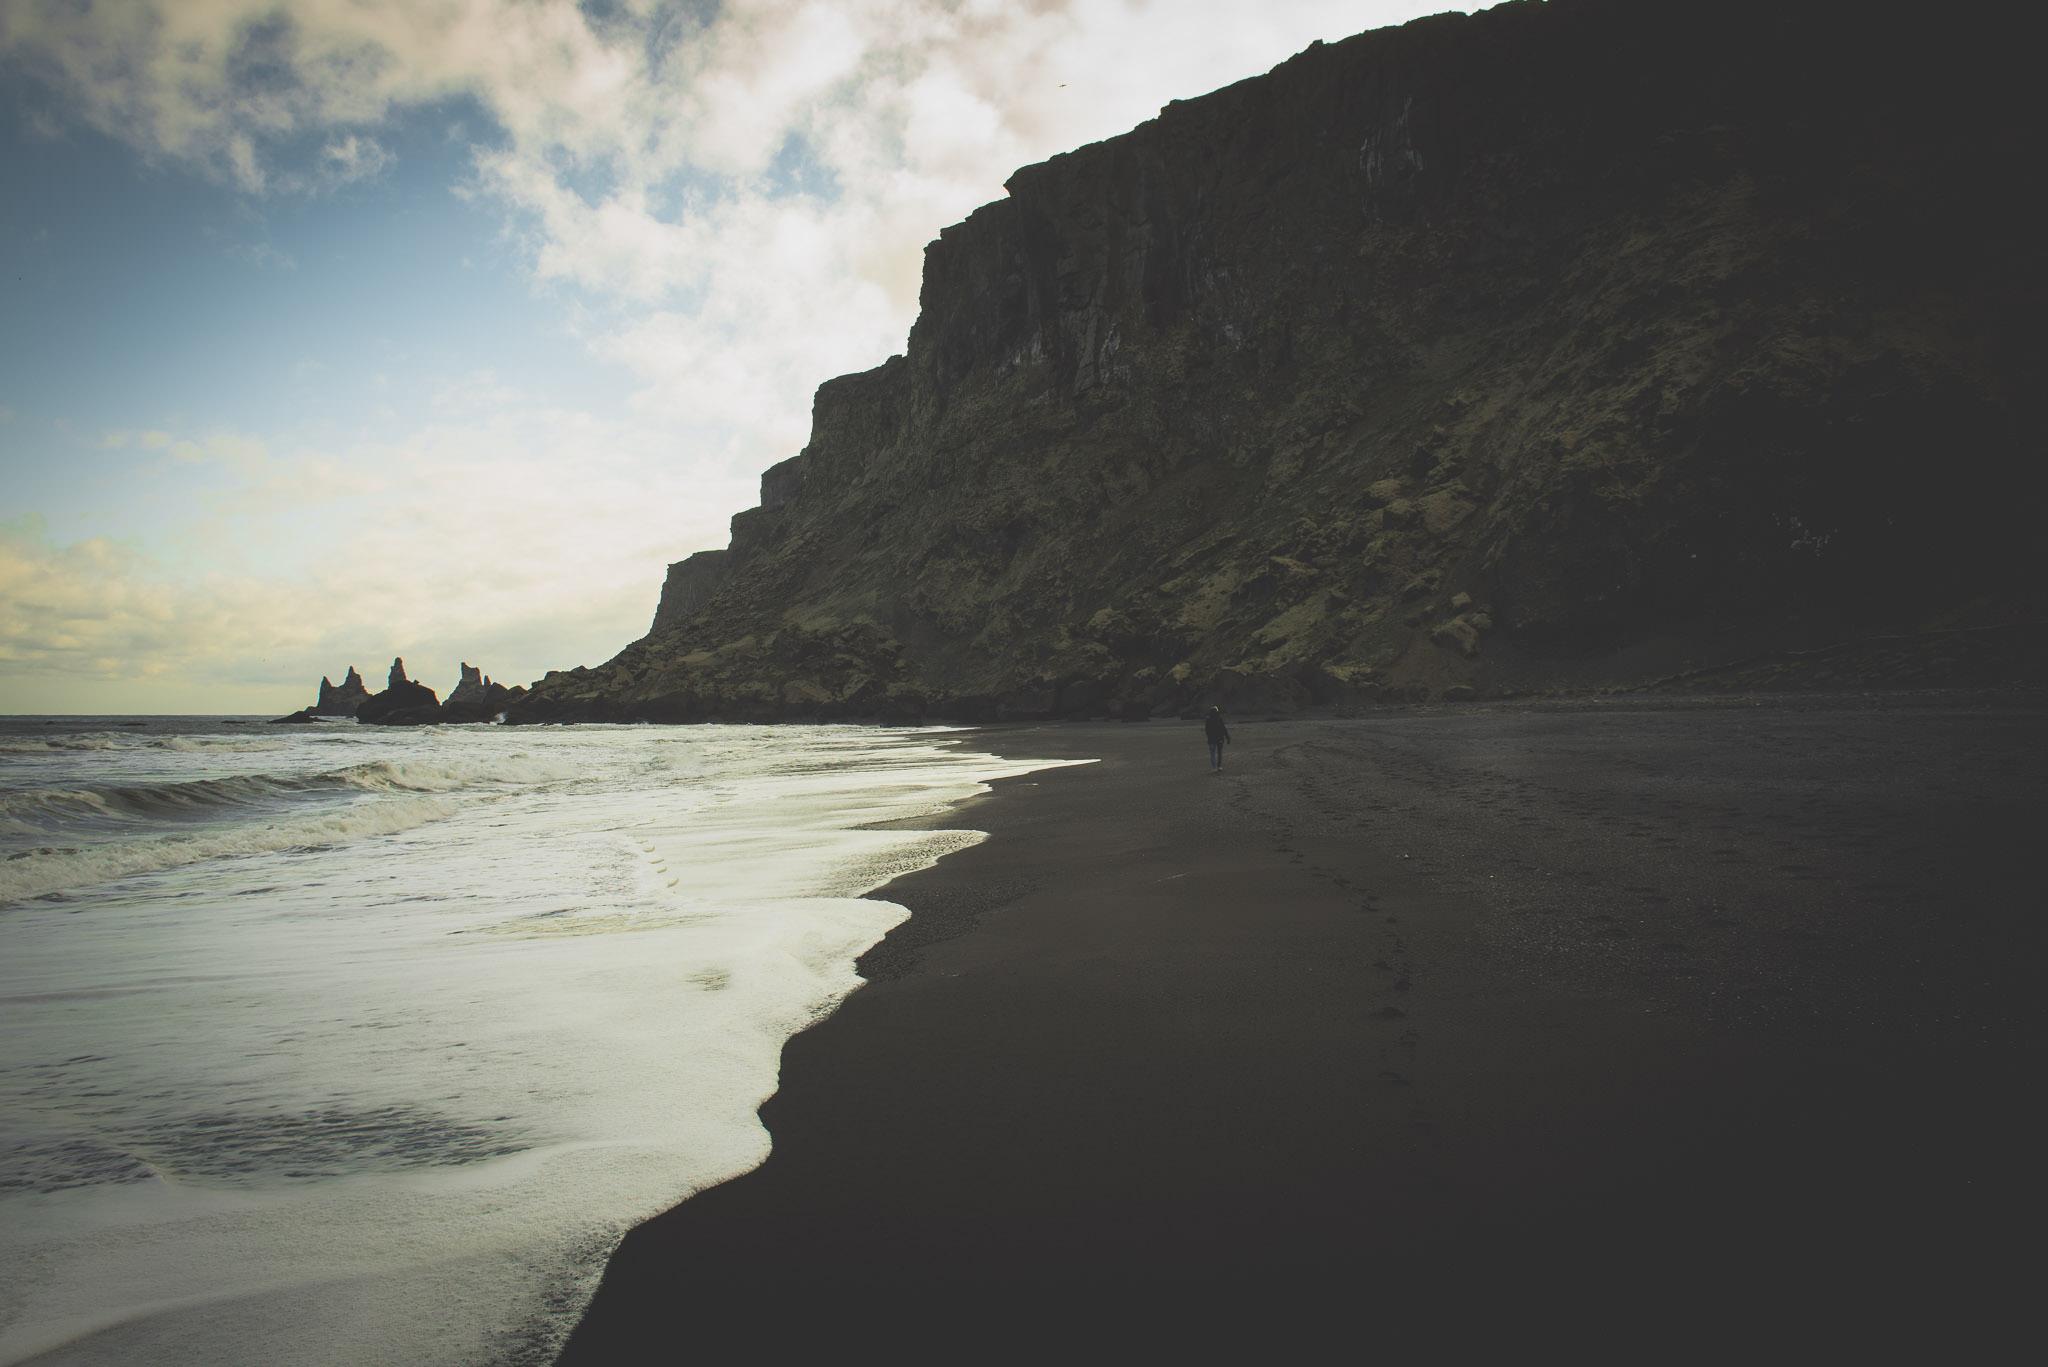 The Black Beach, der ligger ved byen Vik. Al andet er sort, indpakket i bjerge og et aktivt fugleliv, er det et besøg værd.